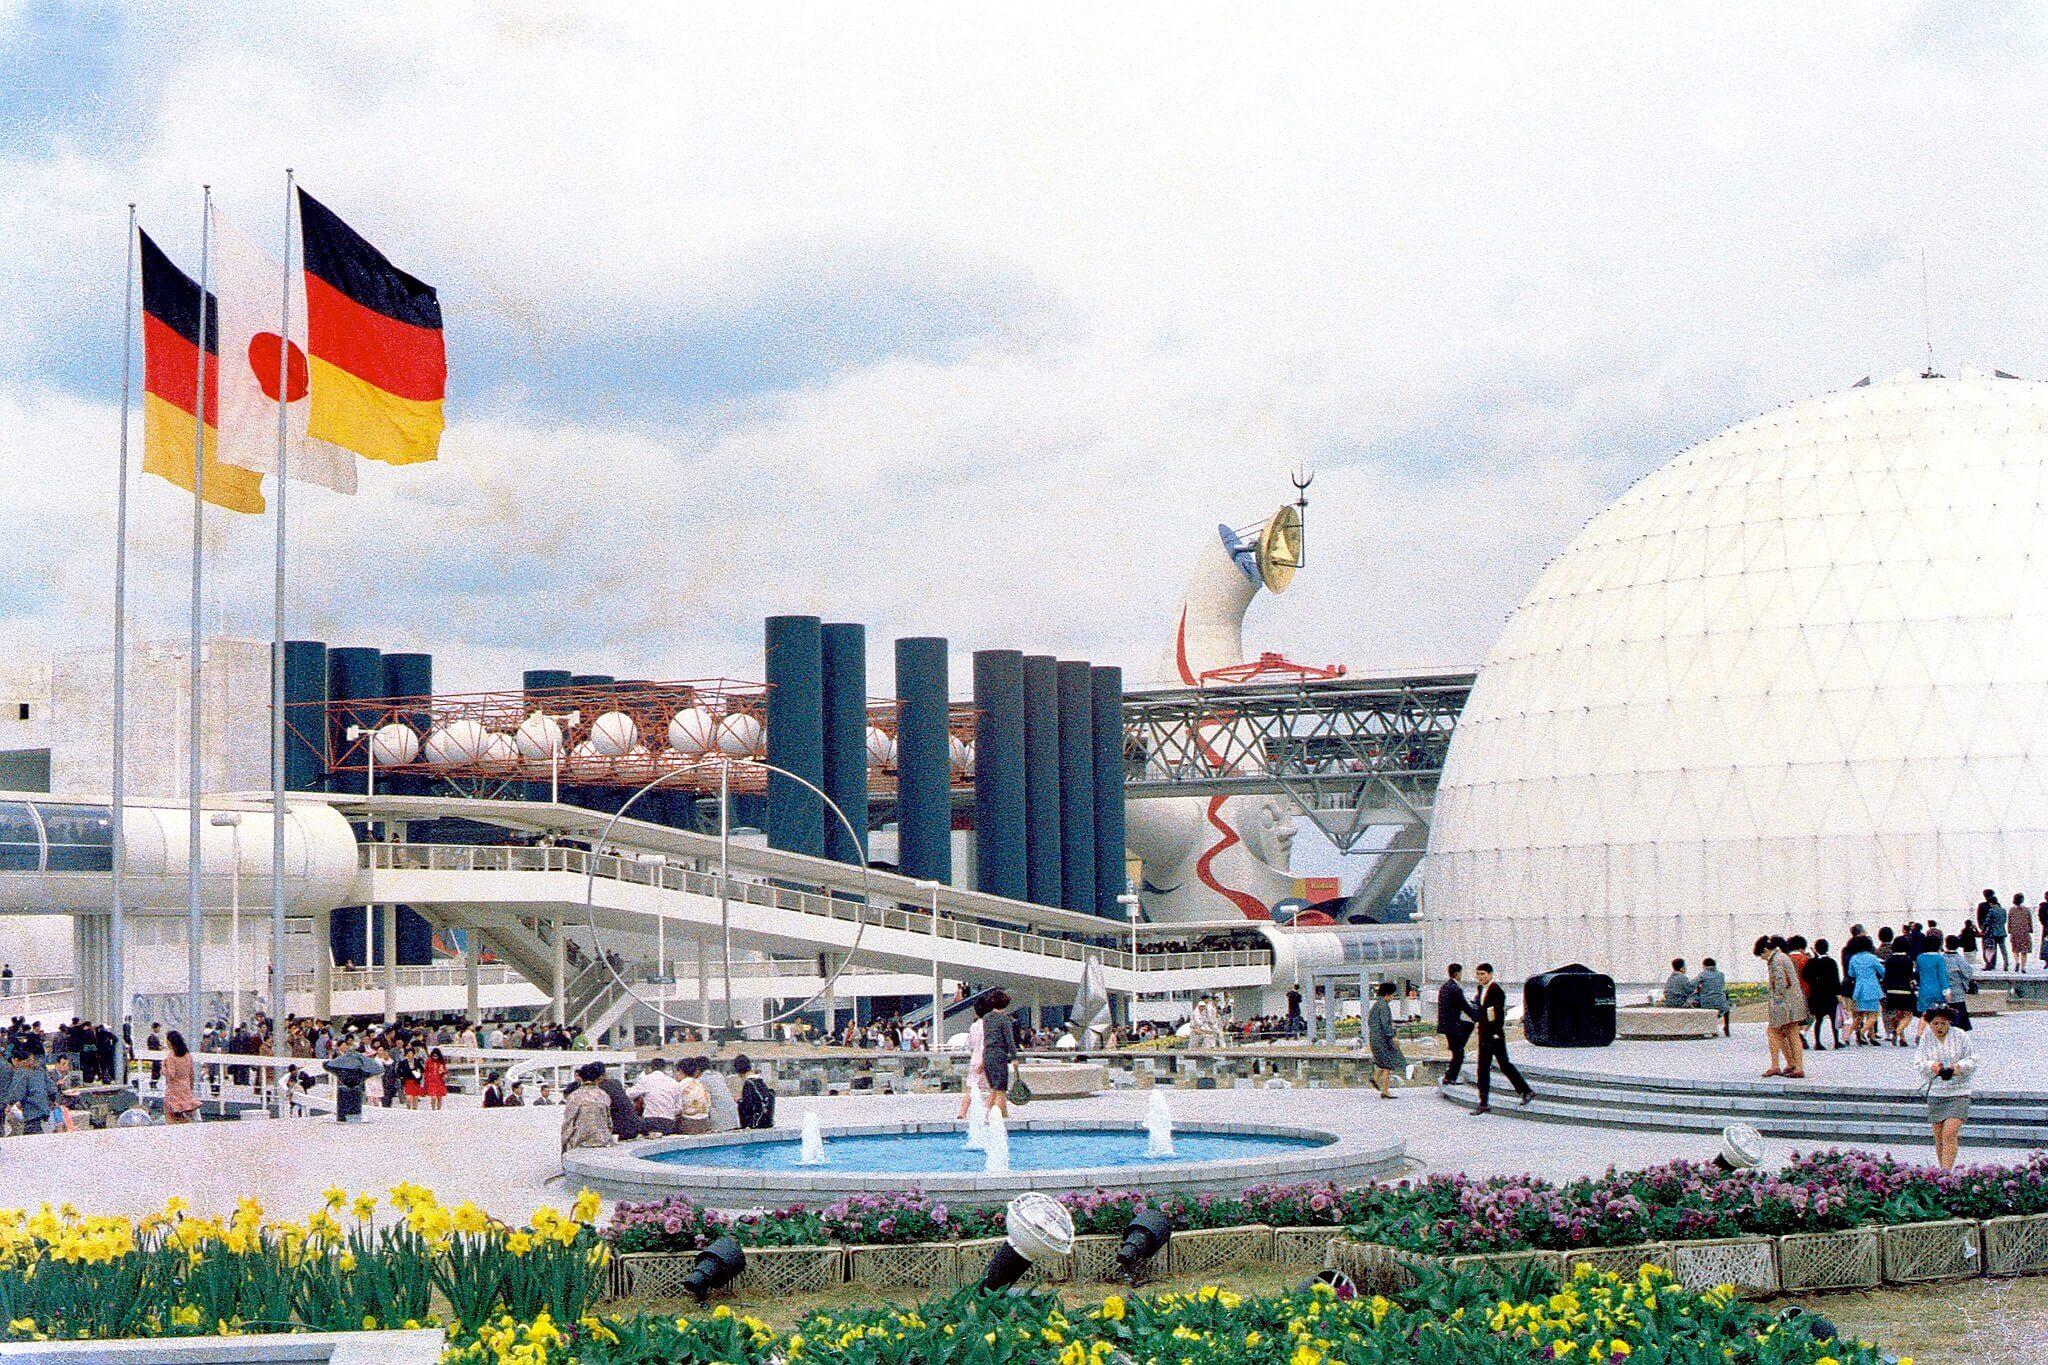 隨著2020年東京奧運結束,大阪也將在2025年再度舉辦世界博覽會。(圖為大阪1970年世界博覽會,取自維基共享資源;作者takato marui,CC BY-SA 2.0)